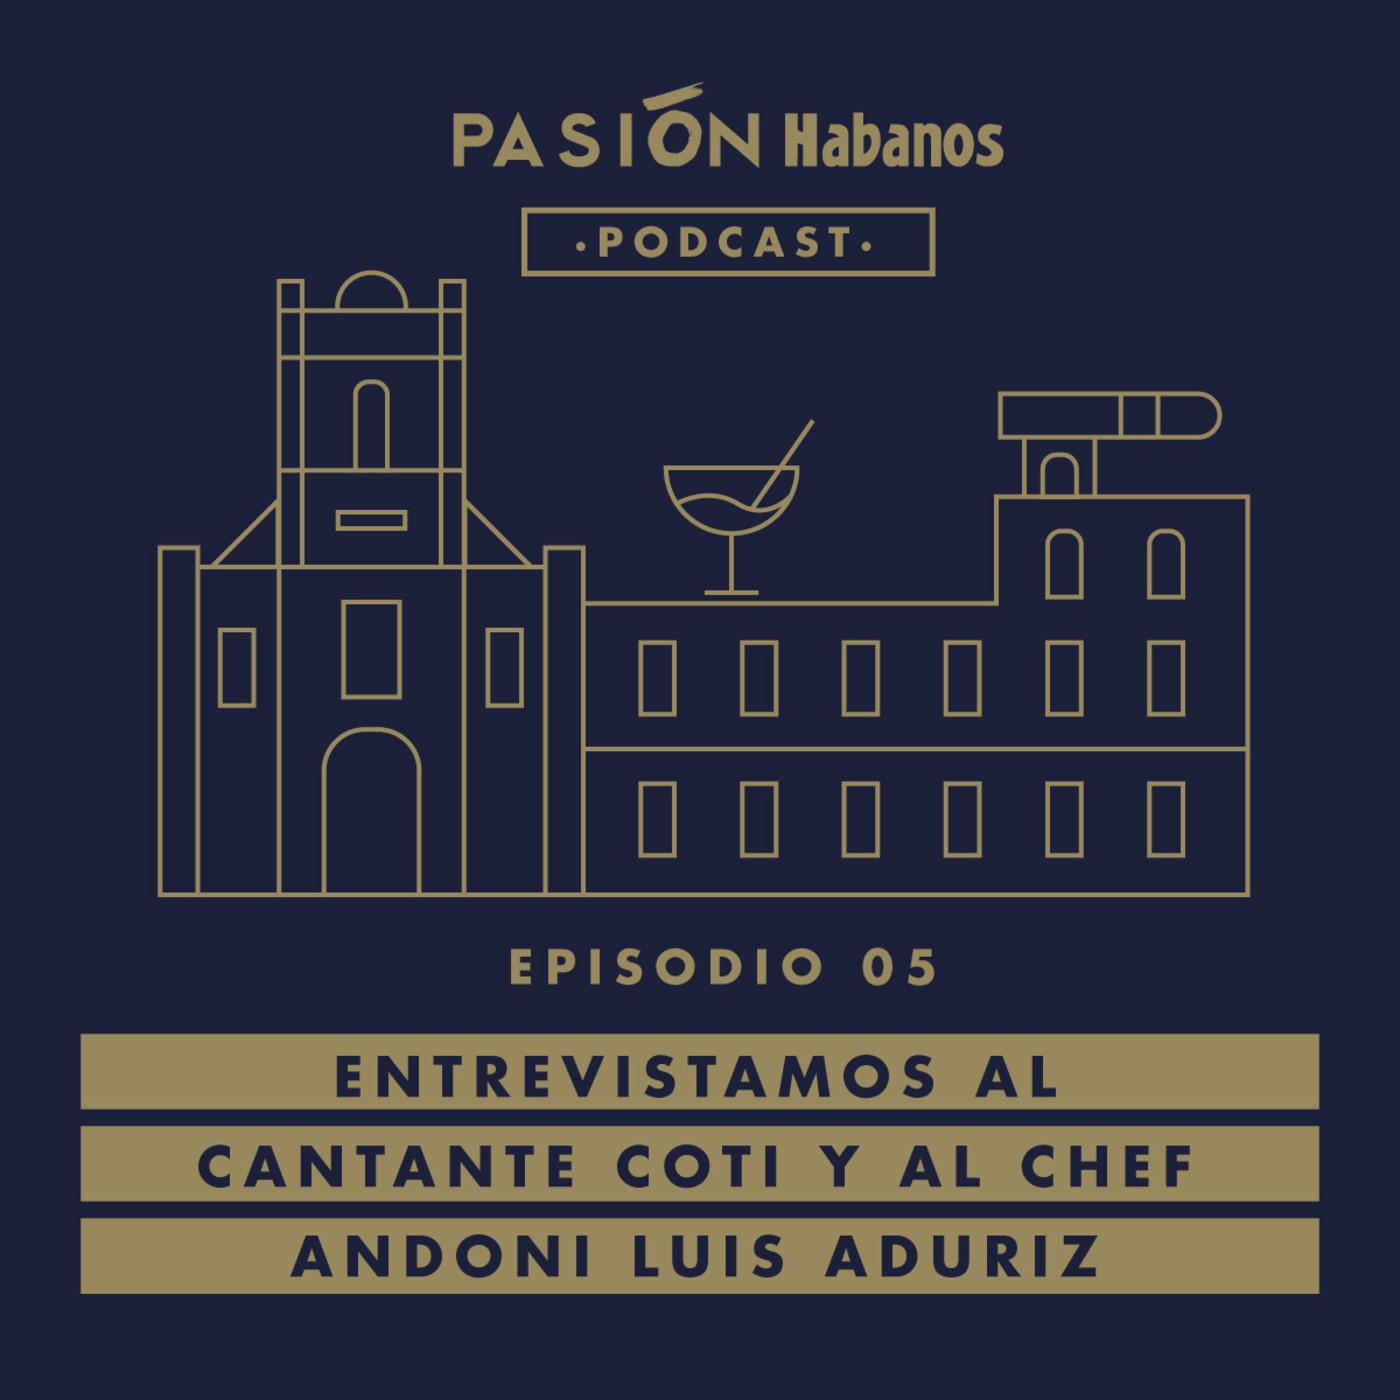 Pasión Habanos Podcast Episodio 5, 9 de julio 2020